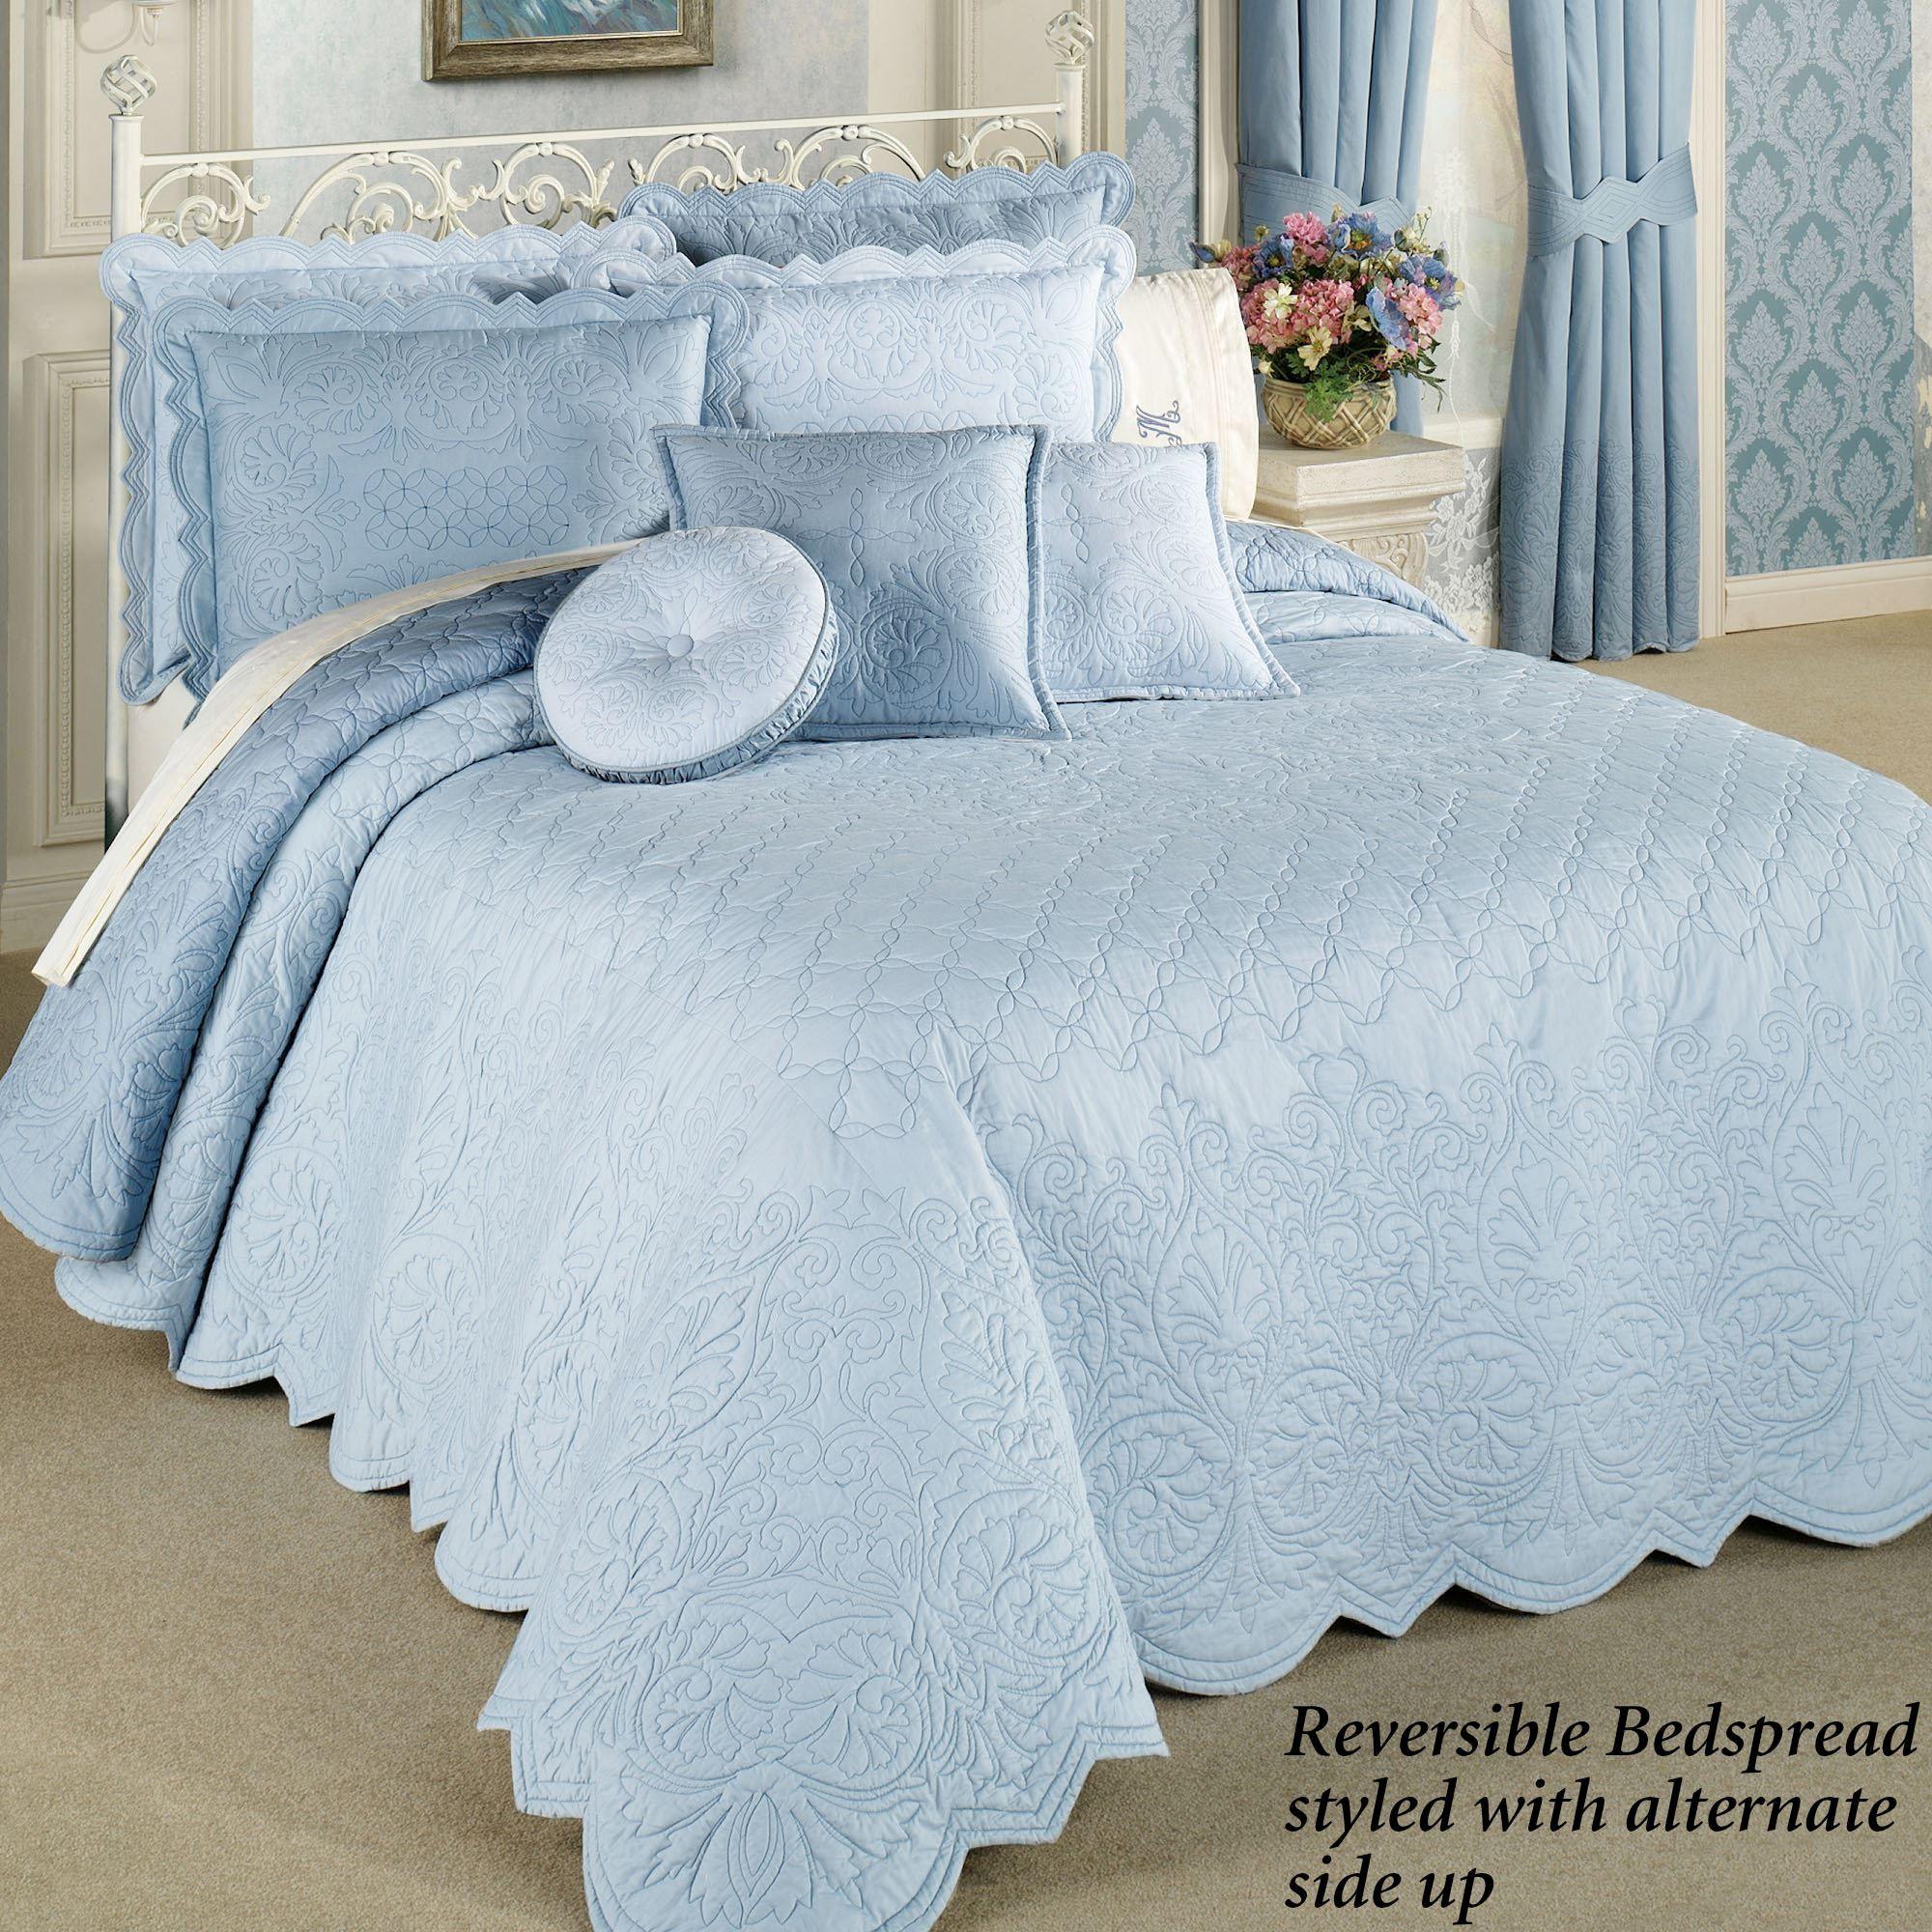 Evermore Blue Grande Bedspread Bedding